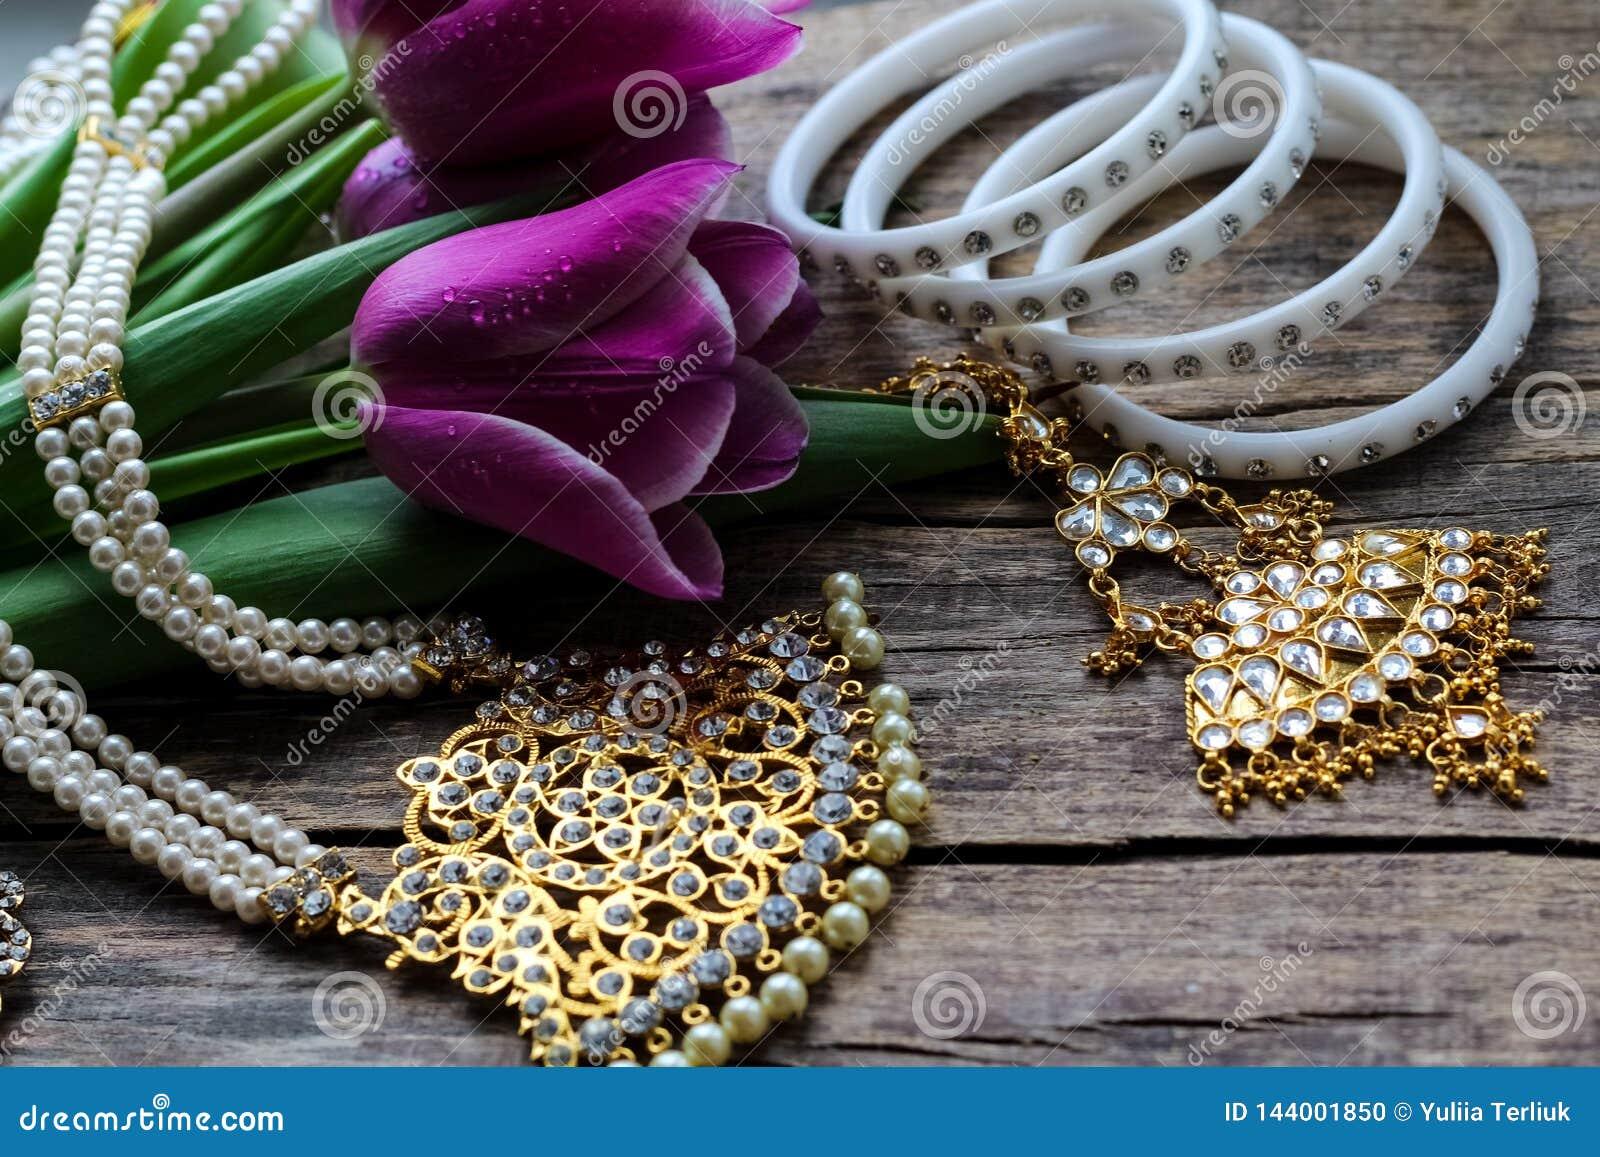 Indische decoratie voor het dansen: armbanden, halsband Purpere ultraviolette tulpen op oude rustieke houten achtergrond